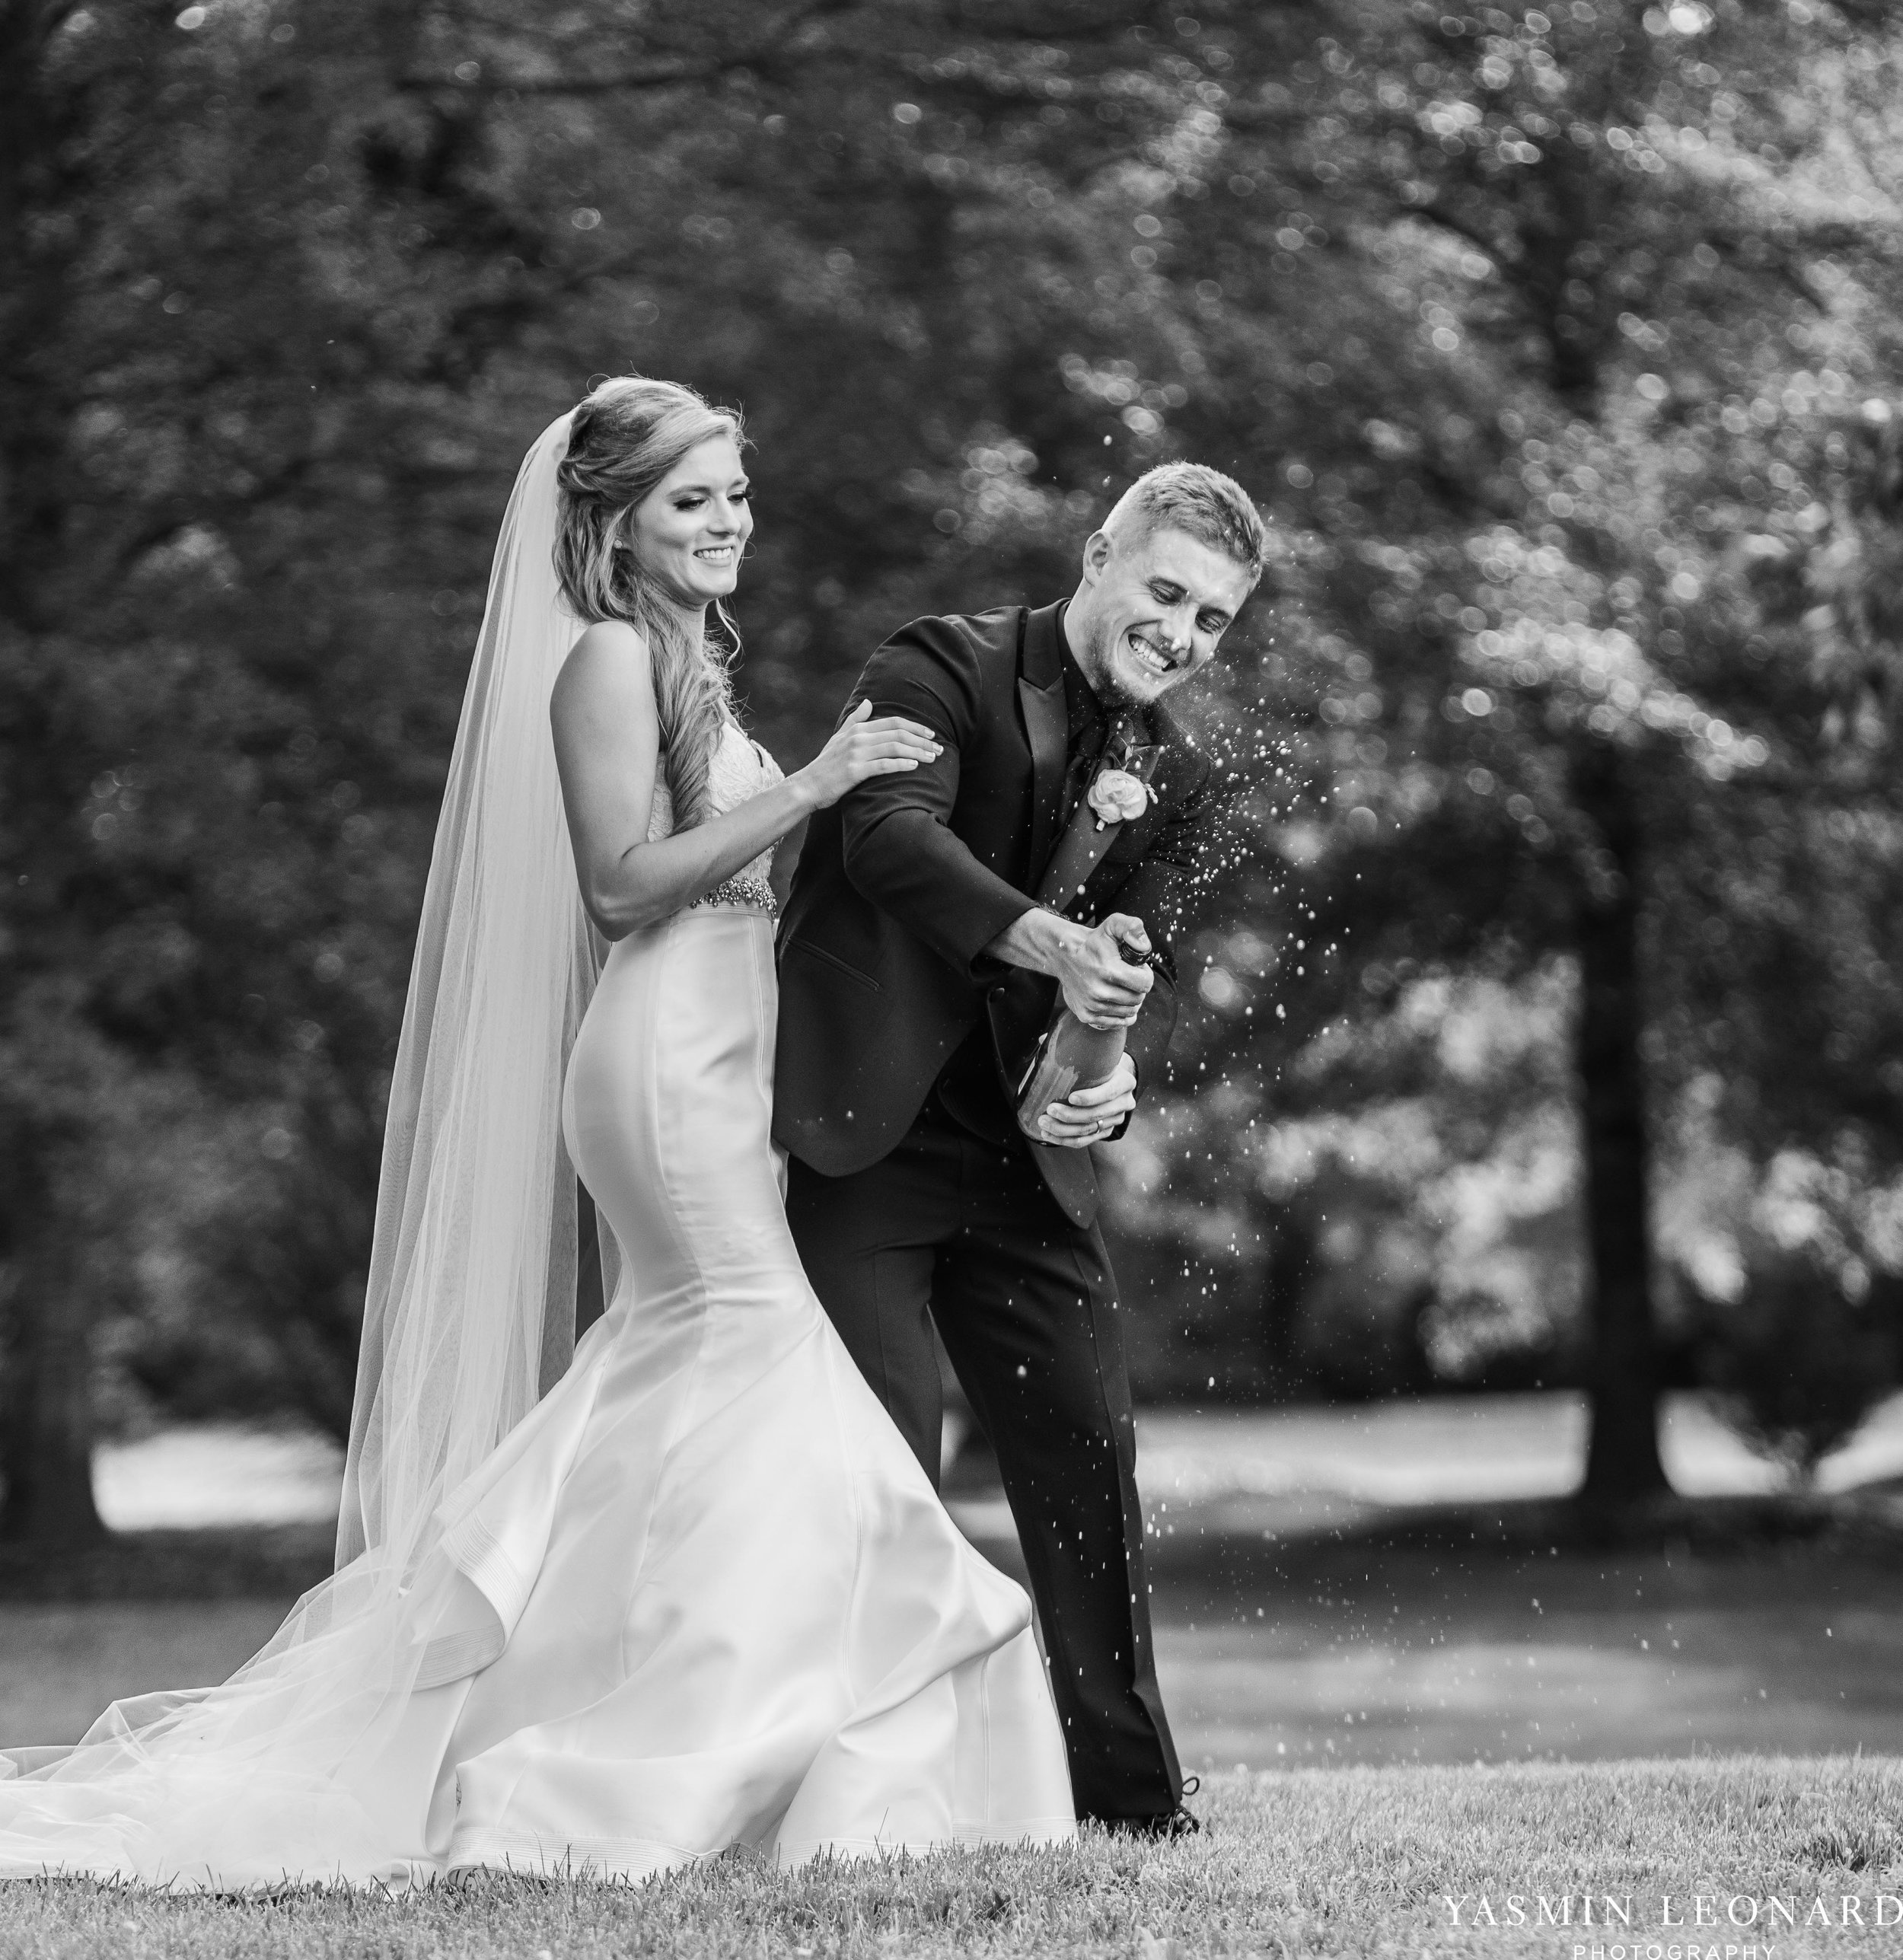 Boxwood Estate - Boxwood Estate Wedding - Luxury Wedding - Black and White Wedding - NC Wedding Venues - NC Weddings - NC Photographer - Lantern Release Grand Exit - Large Wedding Party - Yasmin Leonard Photography-47.jpg